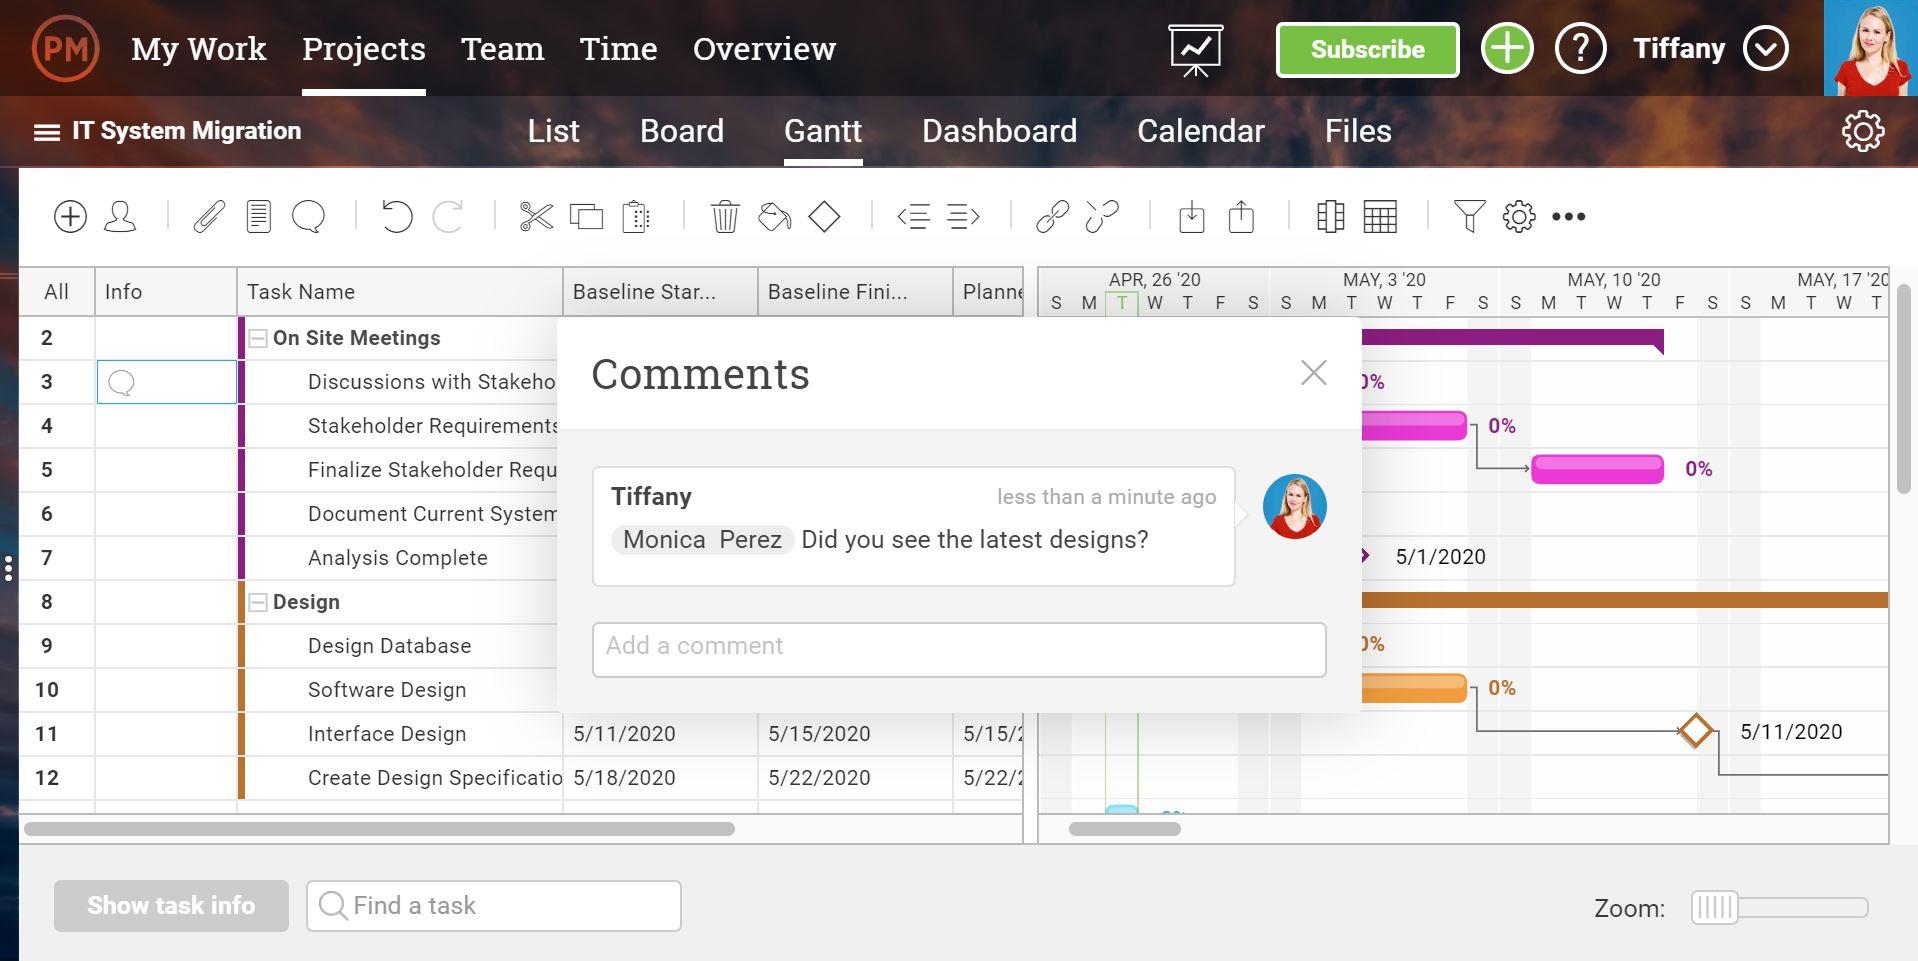 Una captura de pantalla de las funciones de colaboración del equipo en Gantt, con un comentario emergente superpuesto